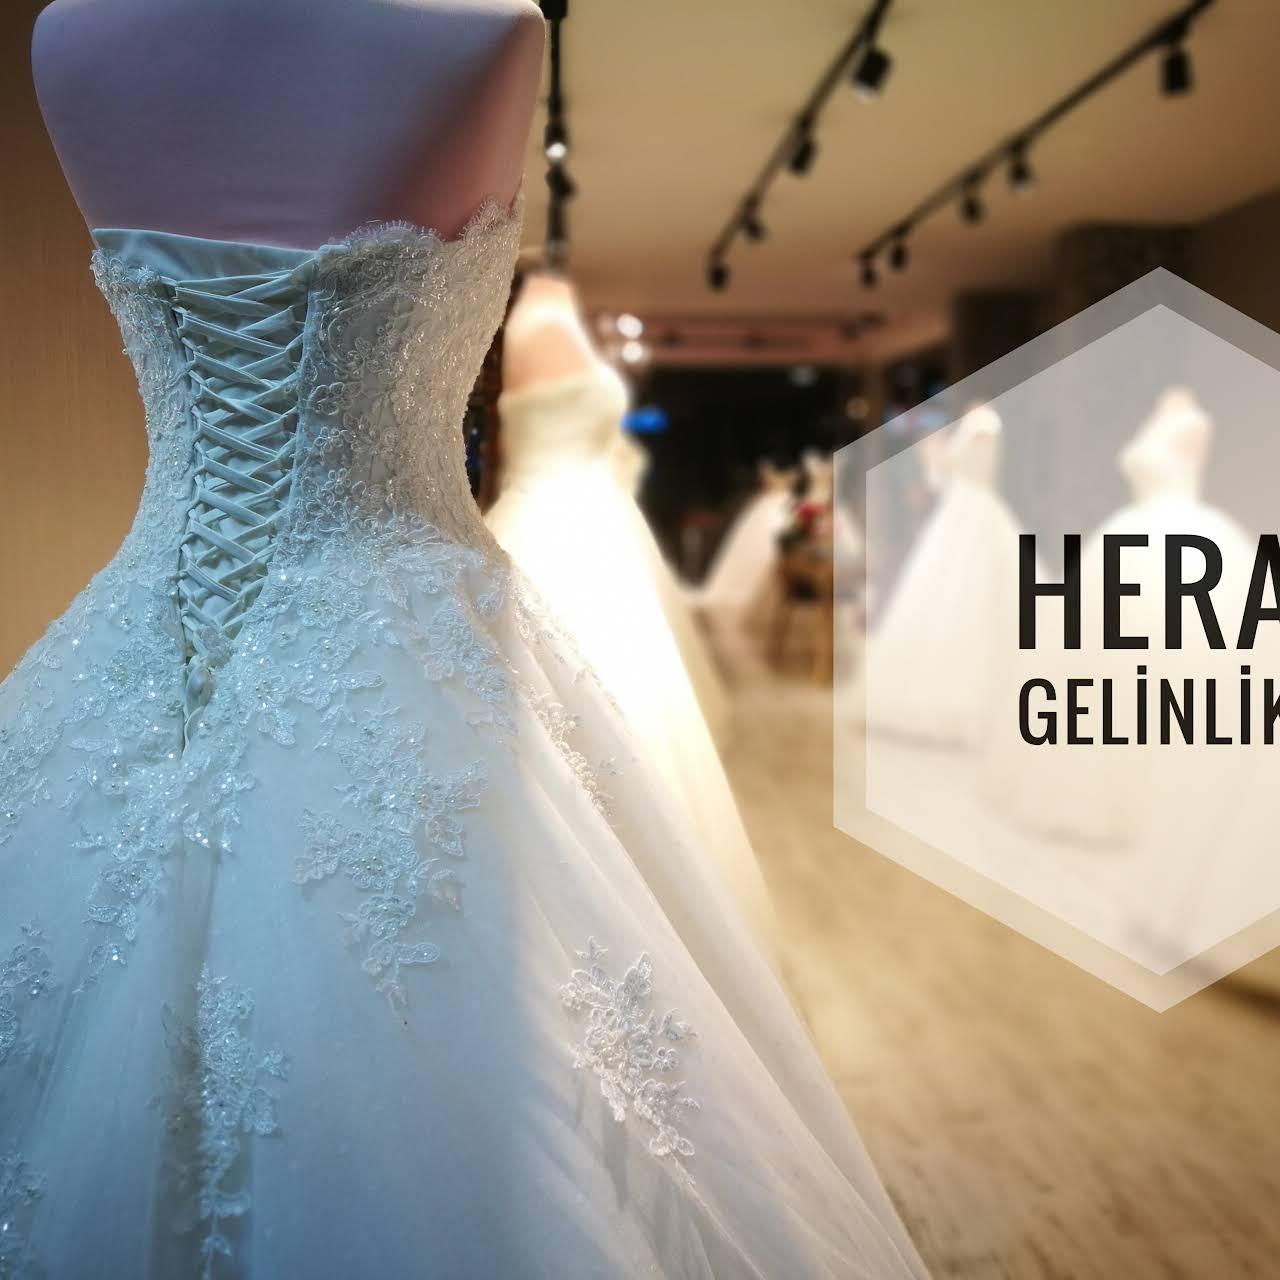 83e1f2febec82 Hera Gelinlik - Çorlu sınırlarındaki Giyim Mağazası